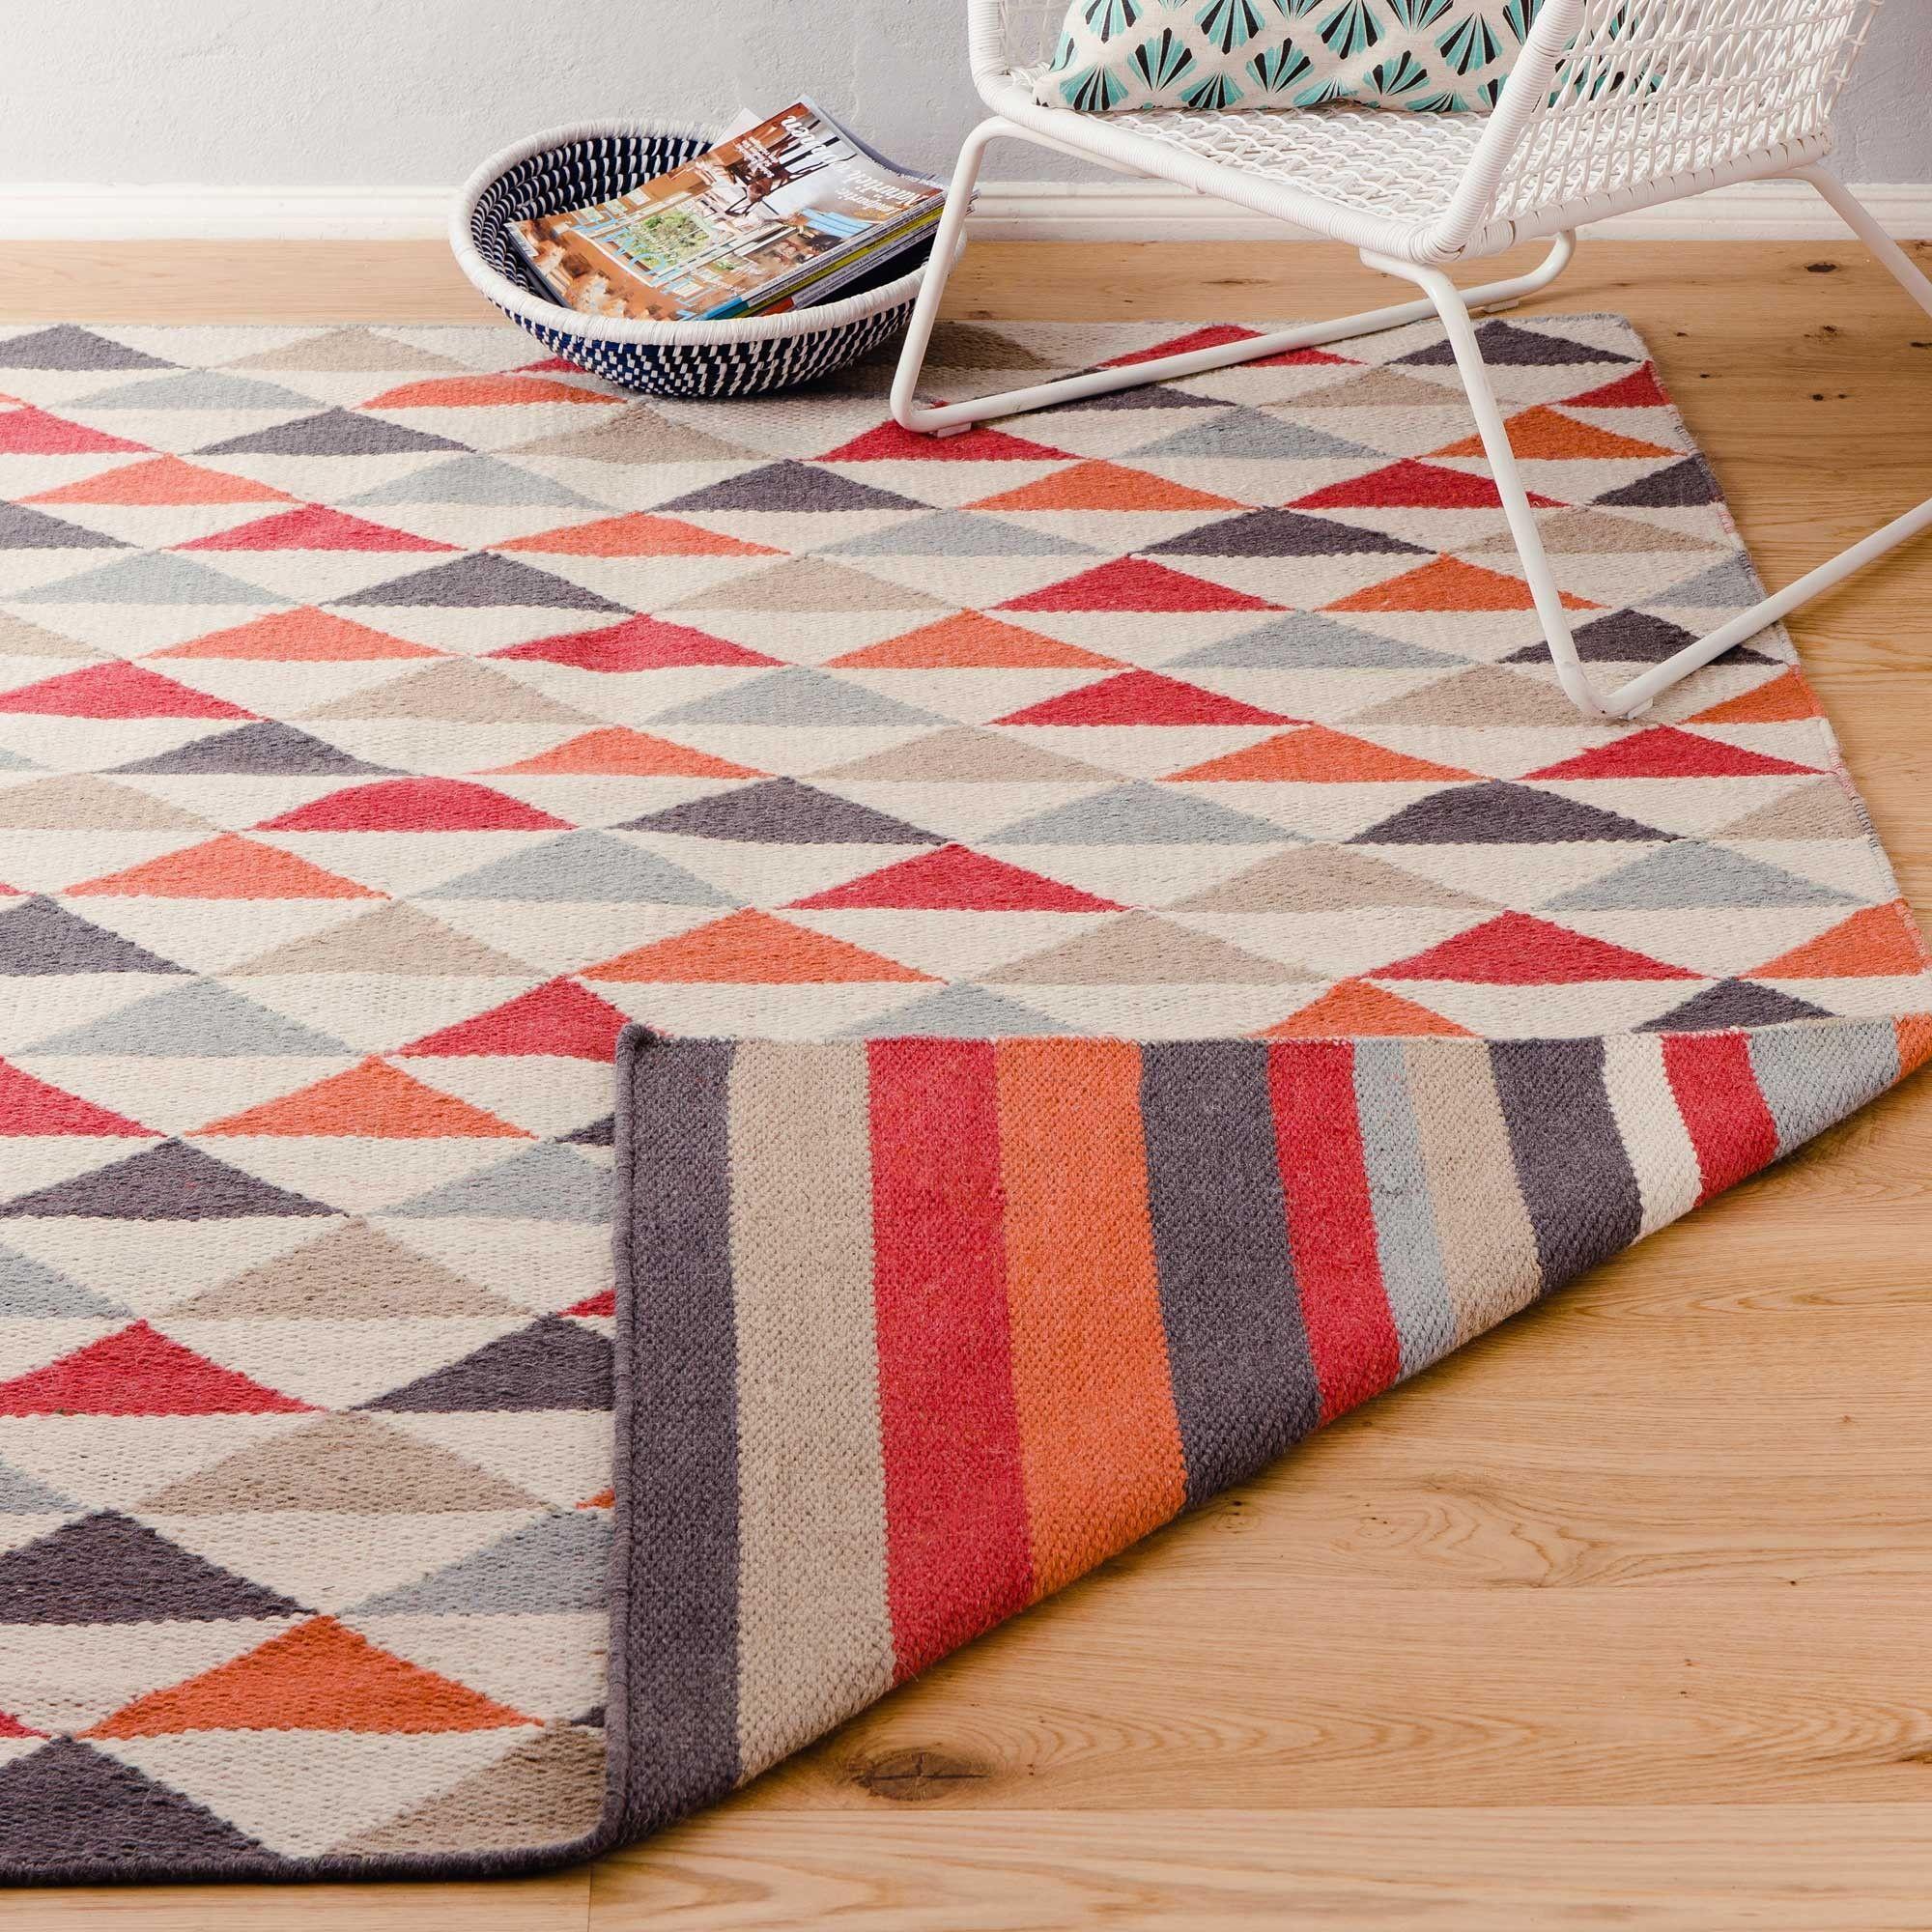 Teppich Barli // 189   400 // Möchten Sie Ihren Boden Lieber Mit Streifen  Oder Dreiecken Dekorieren? Sie Können Sich Jeden Tag Neu Entscheiden, ...